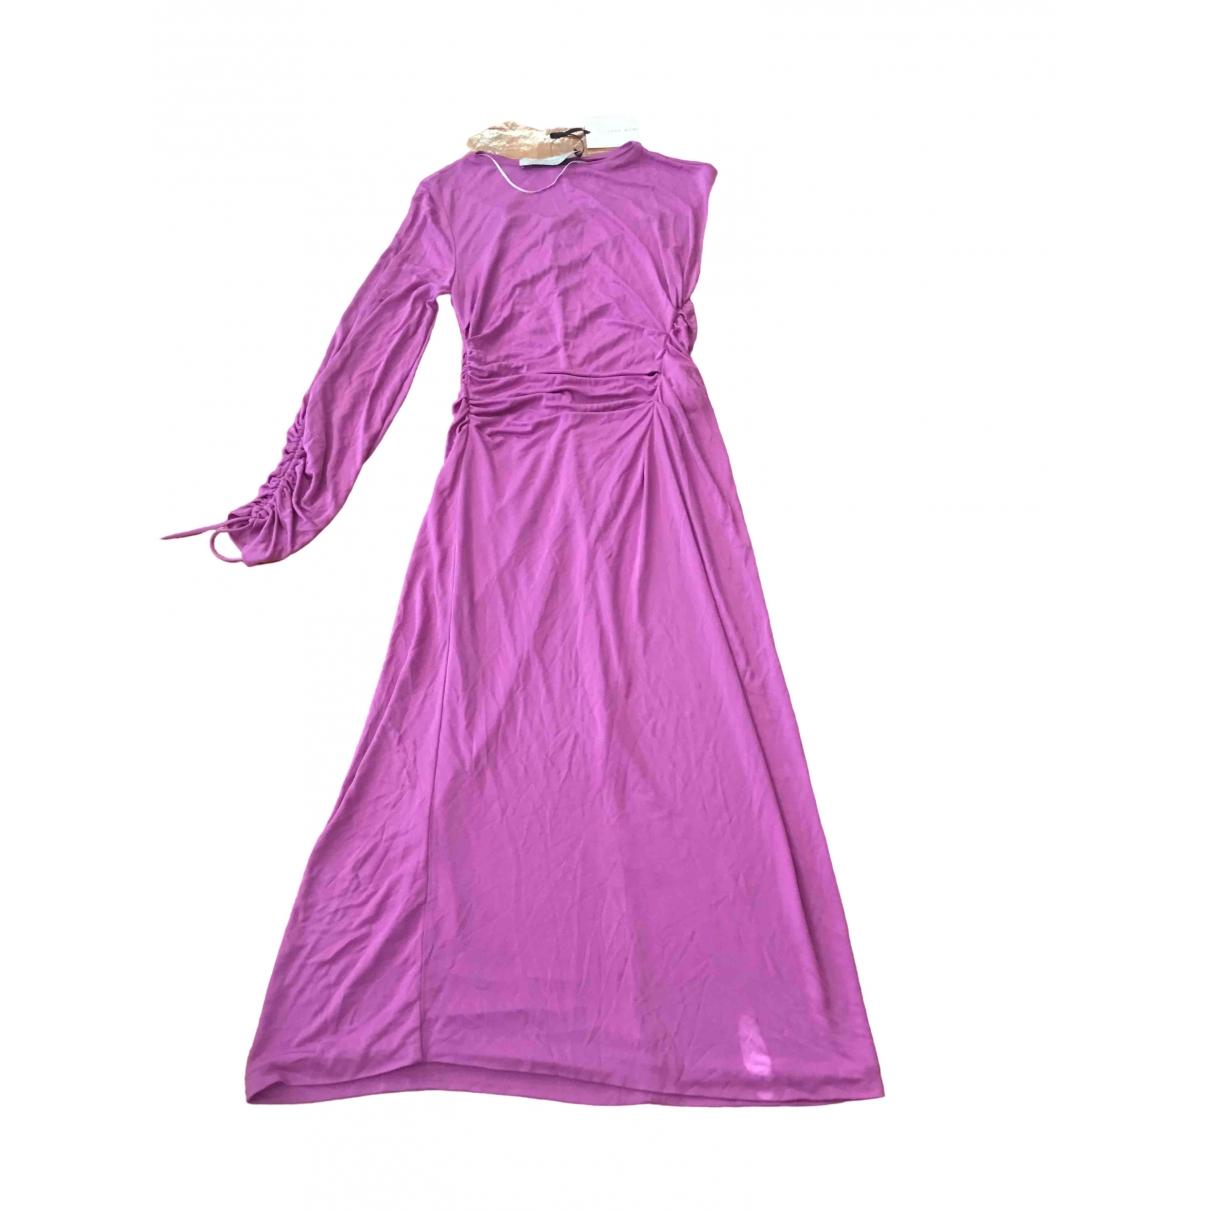 Zara \N Kleid in  Lila Viskose